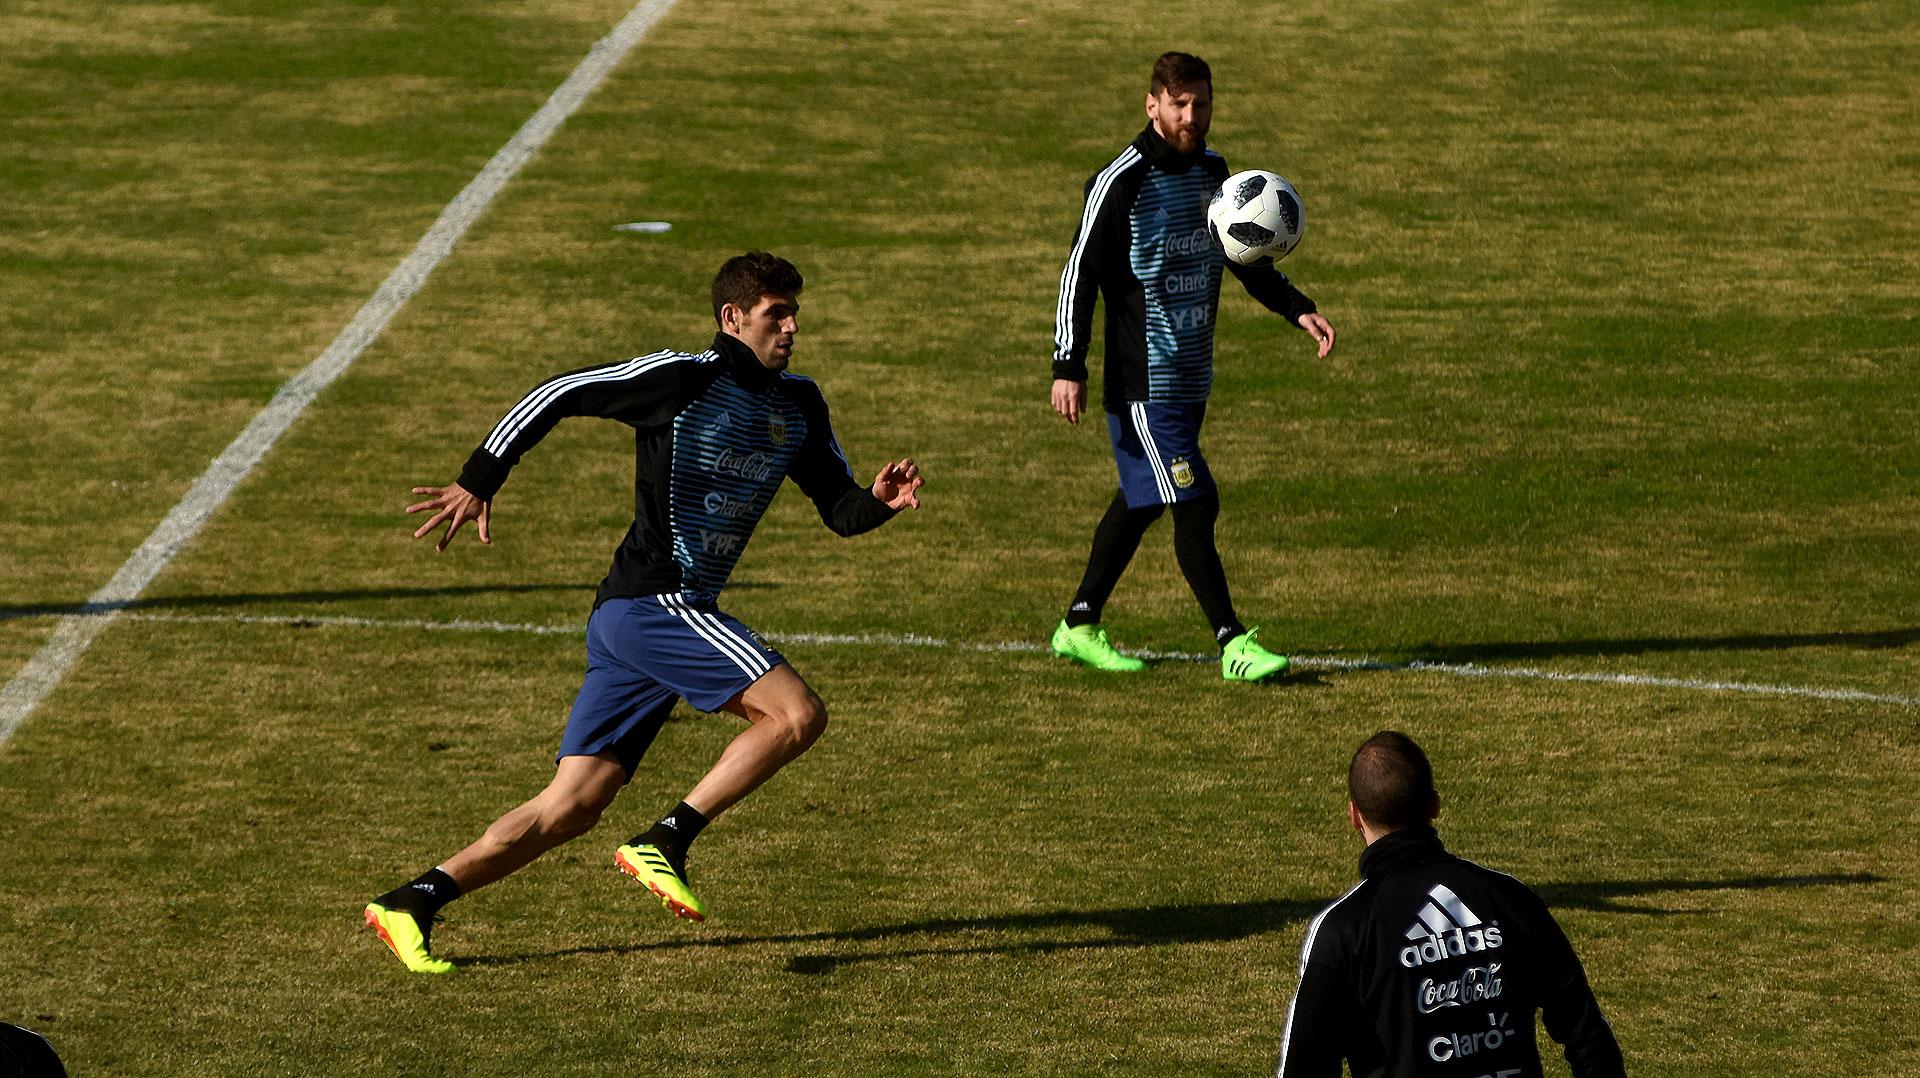 En la primera parte del entrenamiento, los jugadores armaron un loco en la mitad de cancha. En la imagen, Federico Fazio corre por la pelota, ante la atenta mirada de Messi e Higuaín